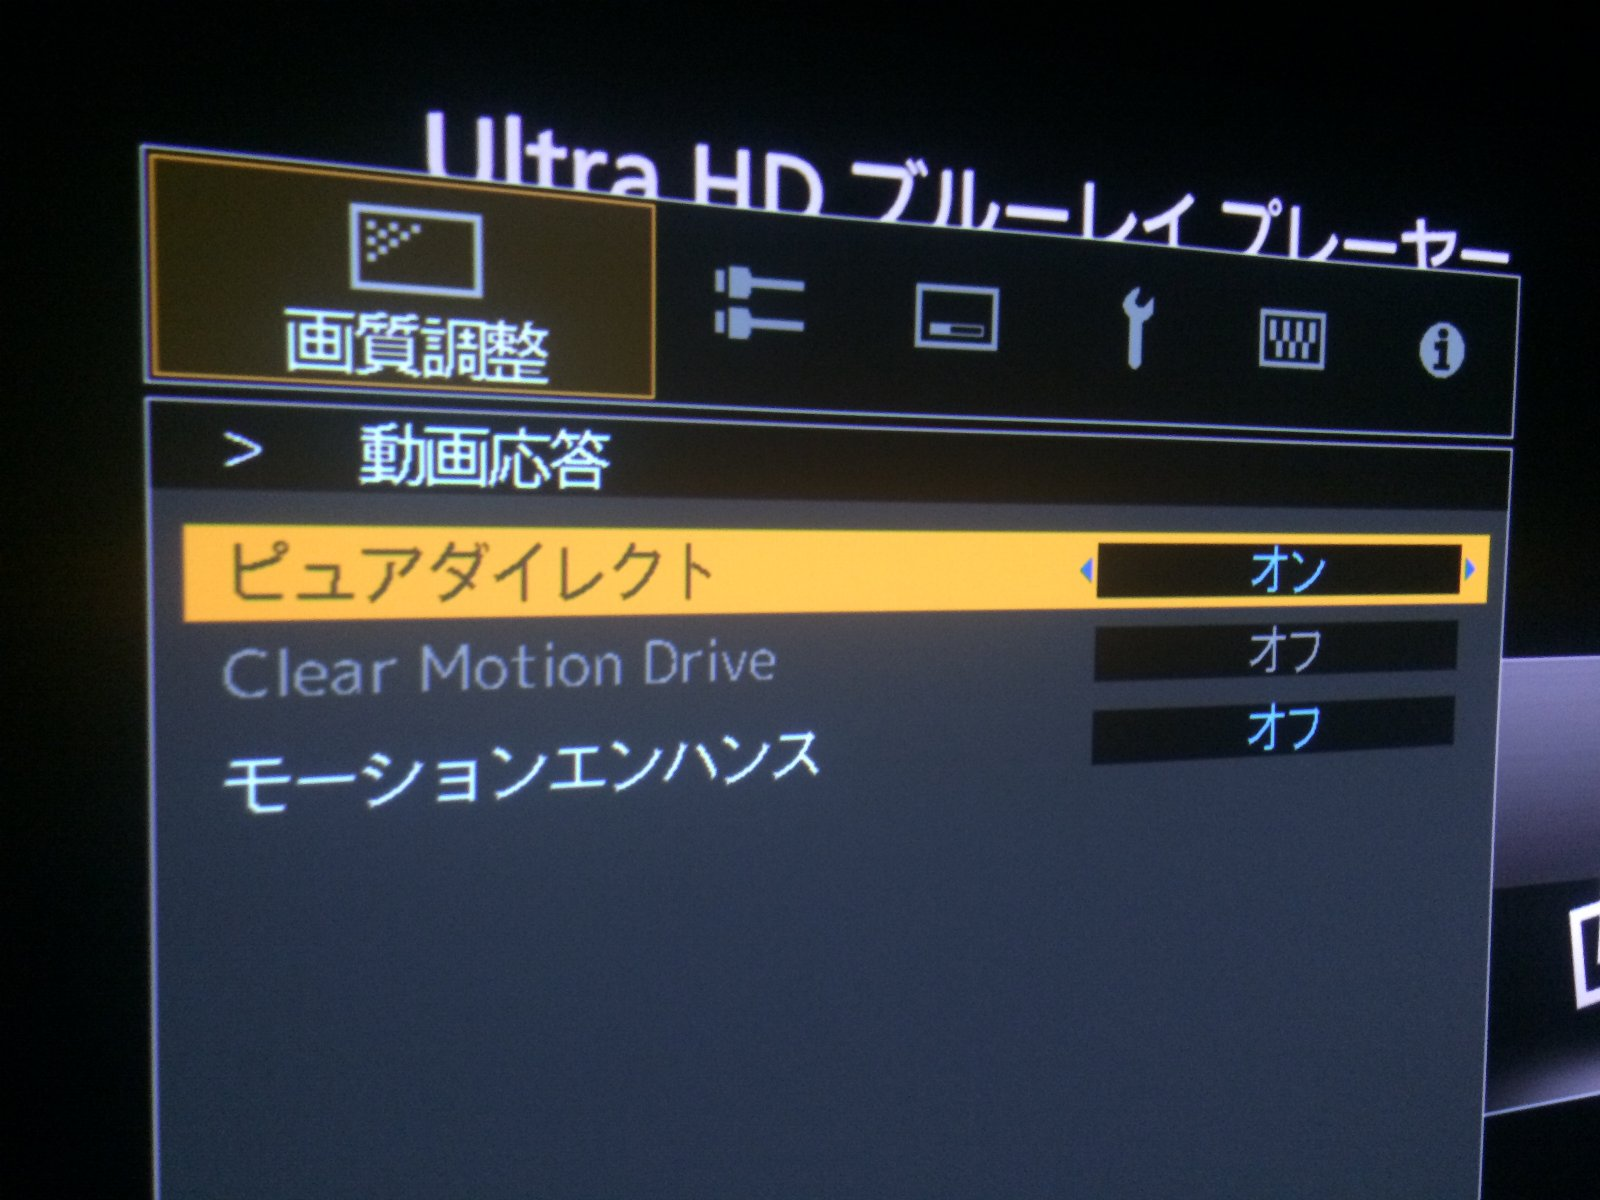 DLA-X990R ピュアダイレクトモードで使用